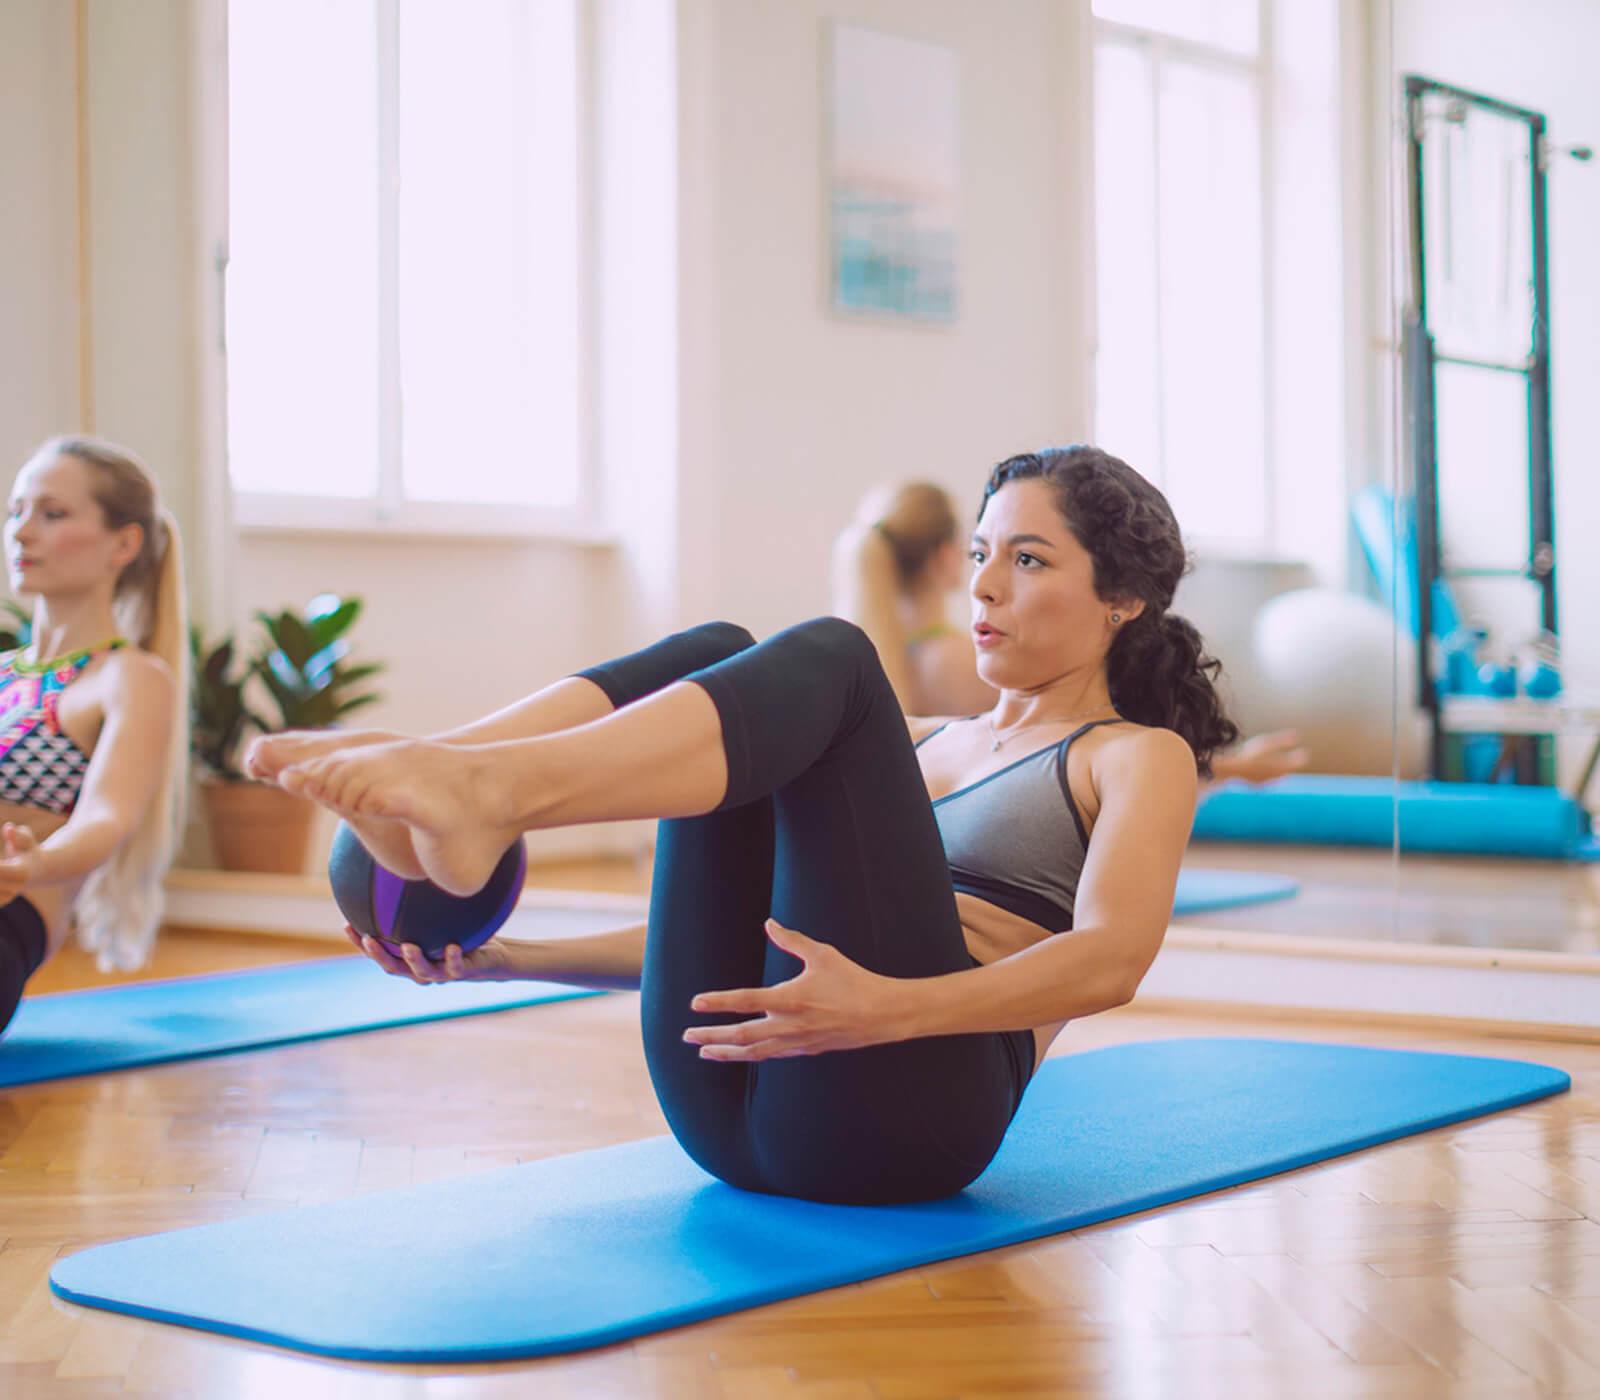 ejemplos-ejercicios-pilates-1.jpg